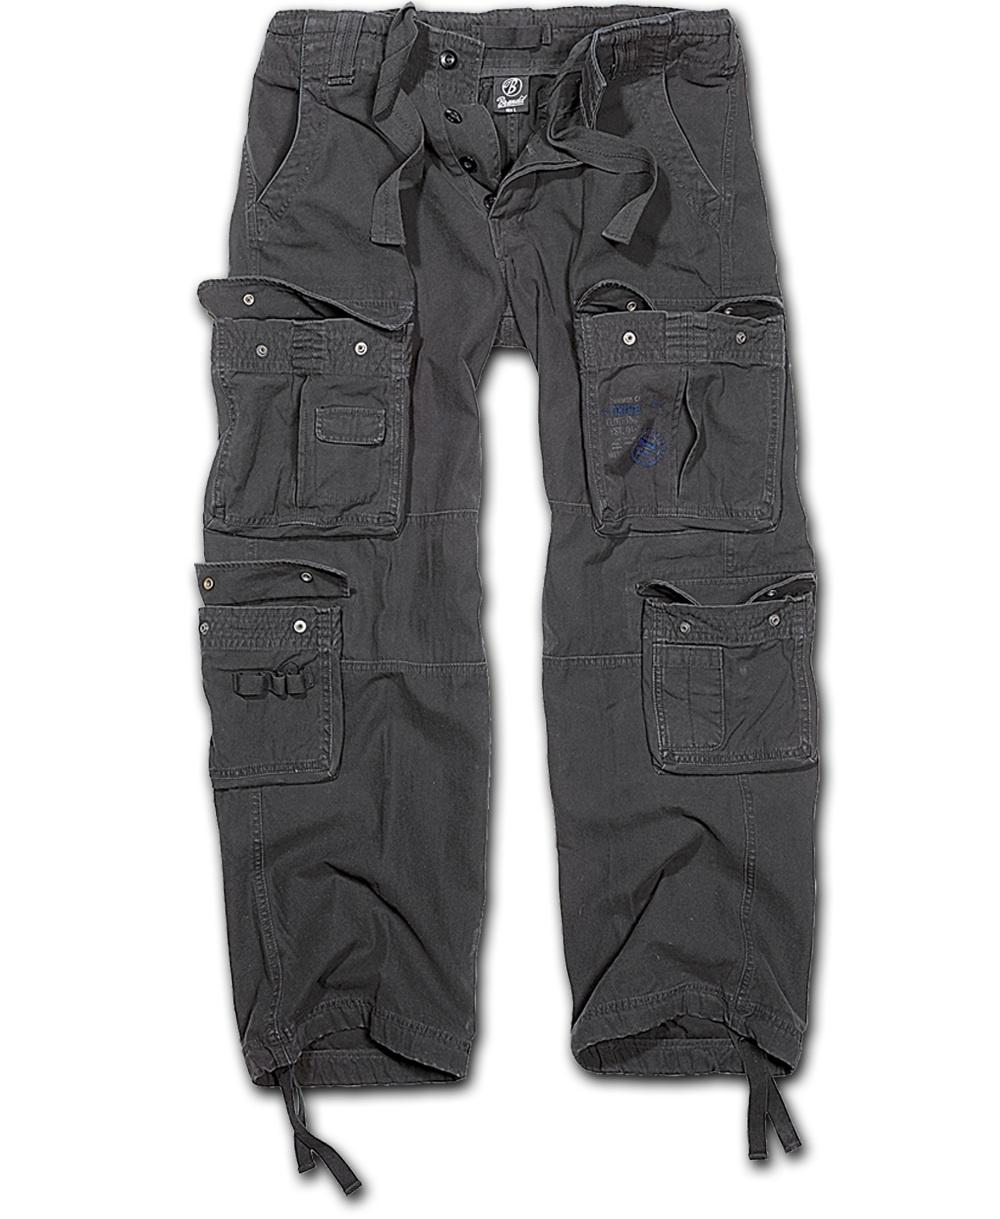 Nohavice BRANDIT Čistý Vintage čierna XXL